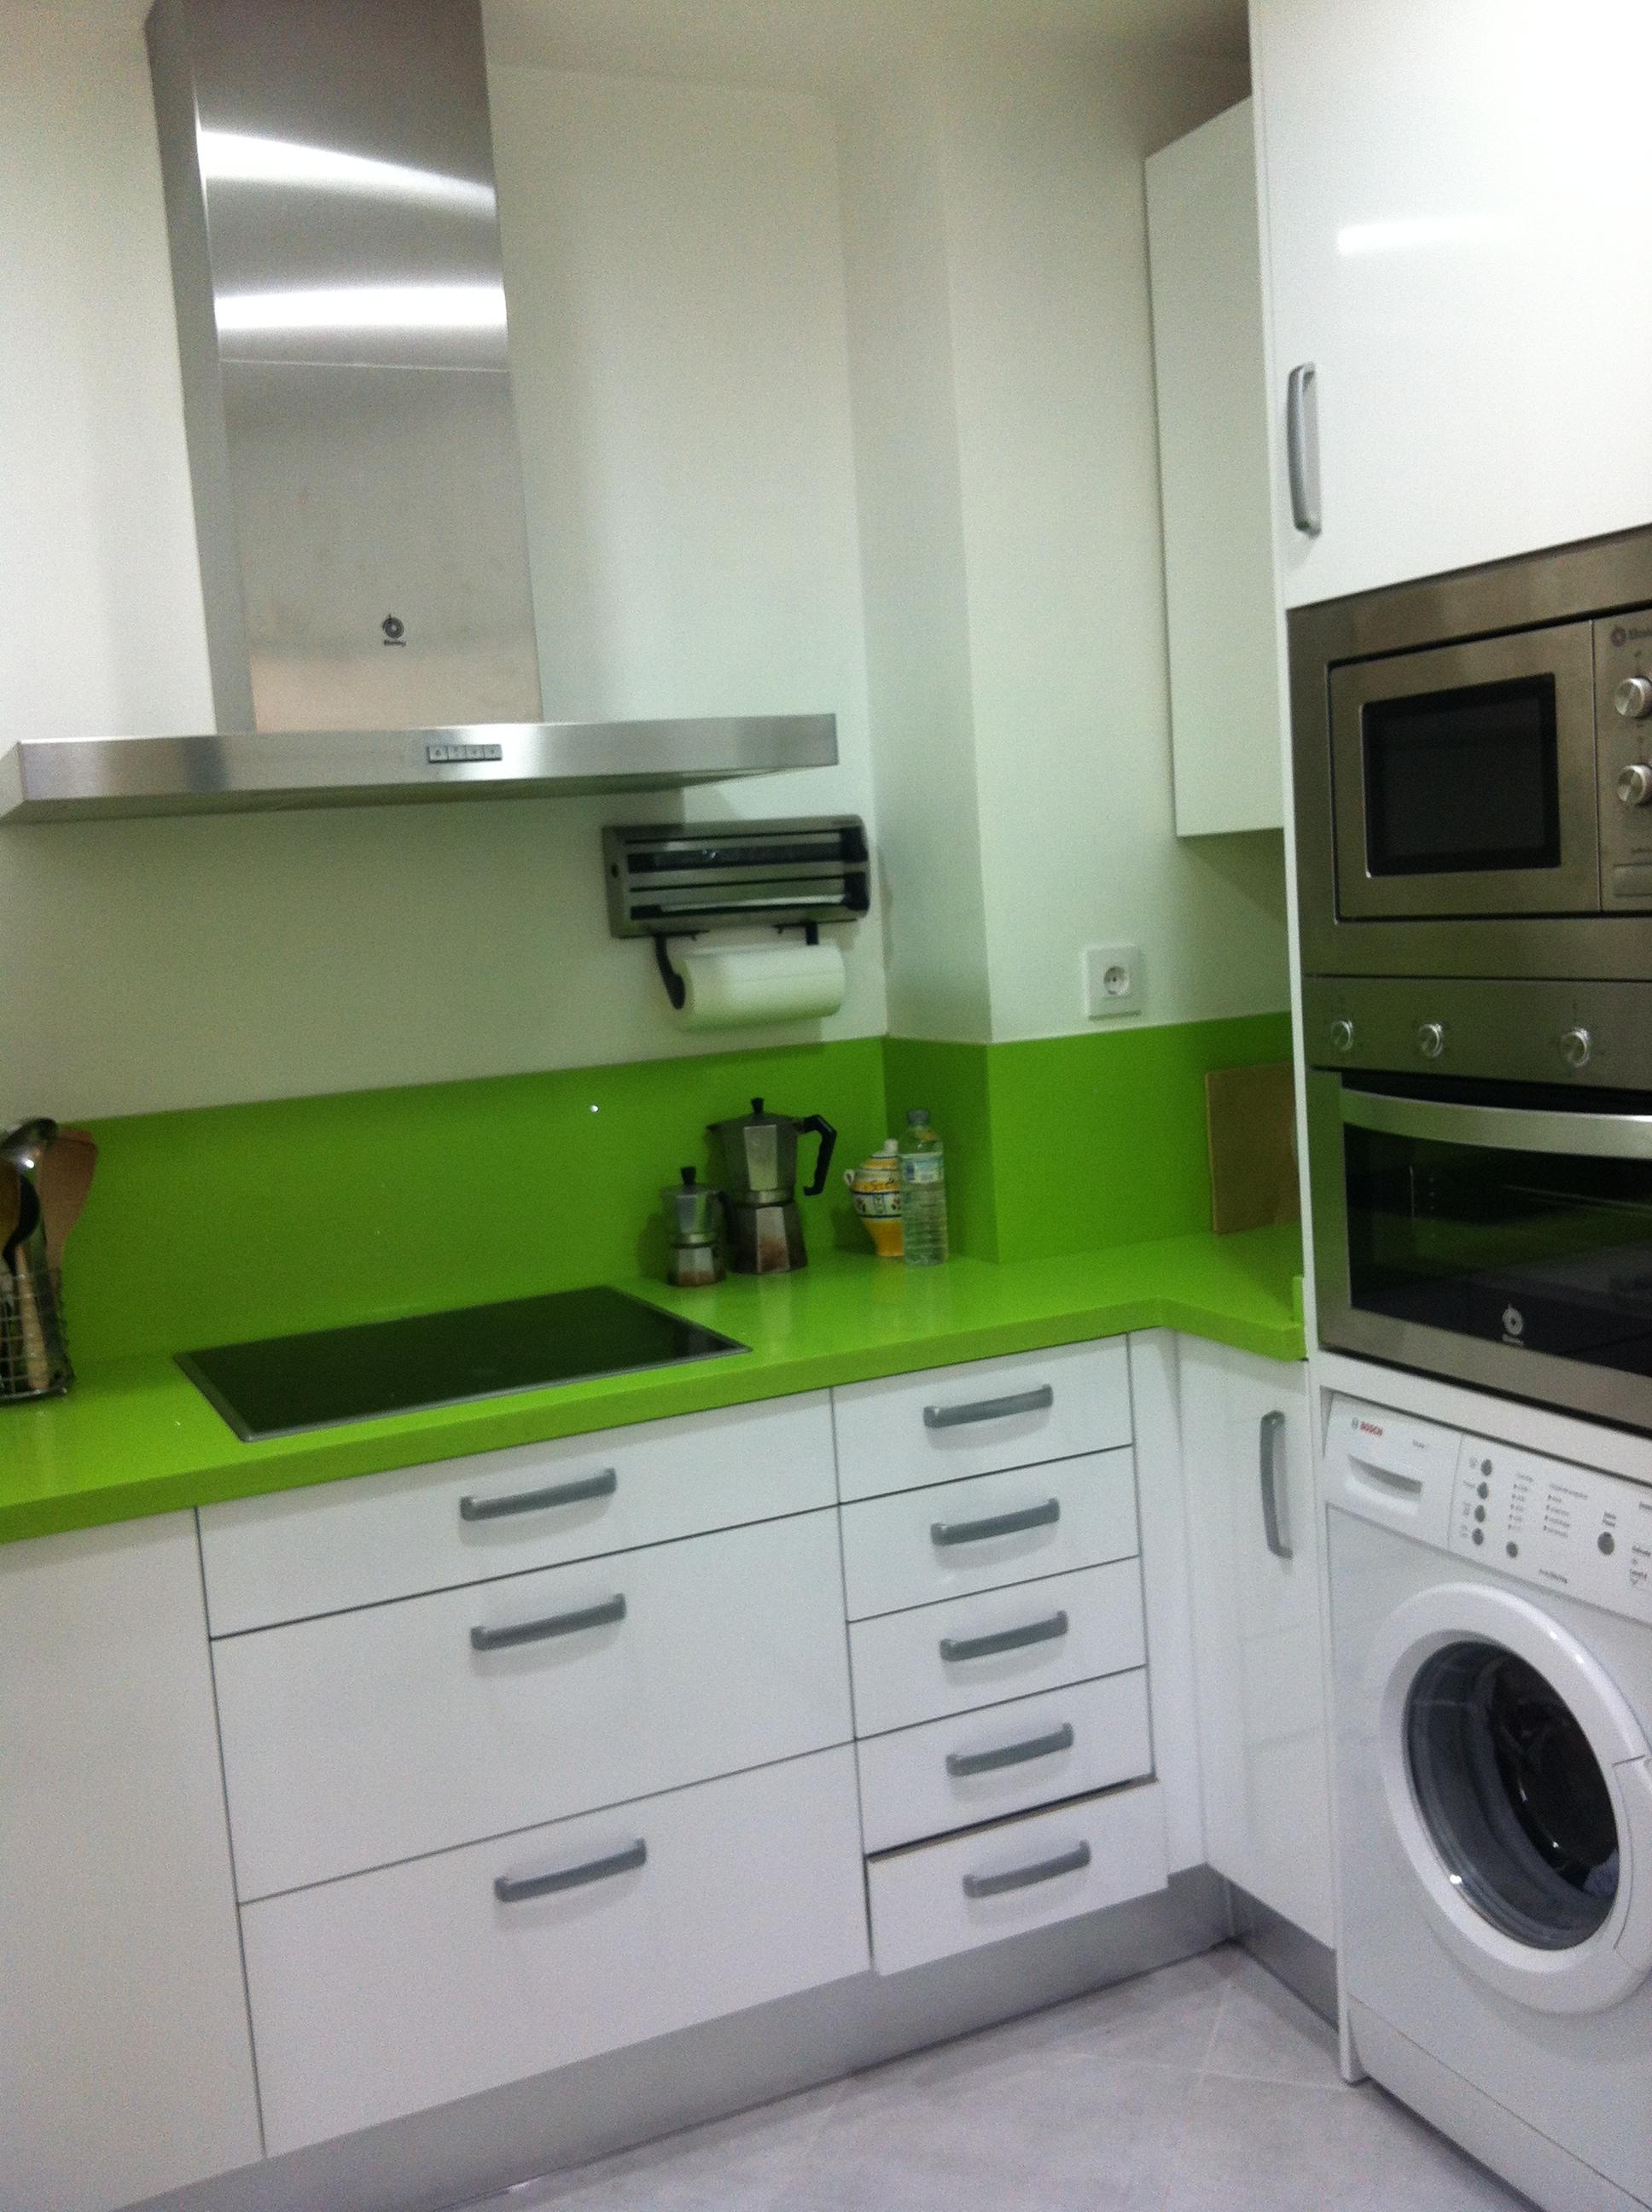 Nuestras cocinas | Selección Cocinas | Tienda de cocinas en Sevilla ...